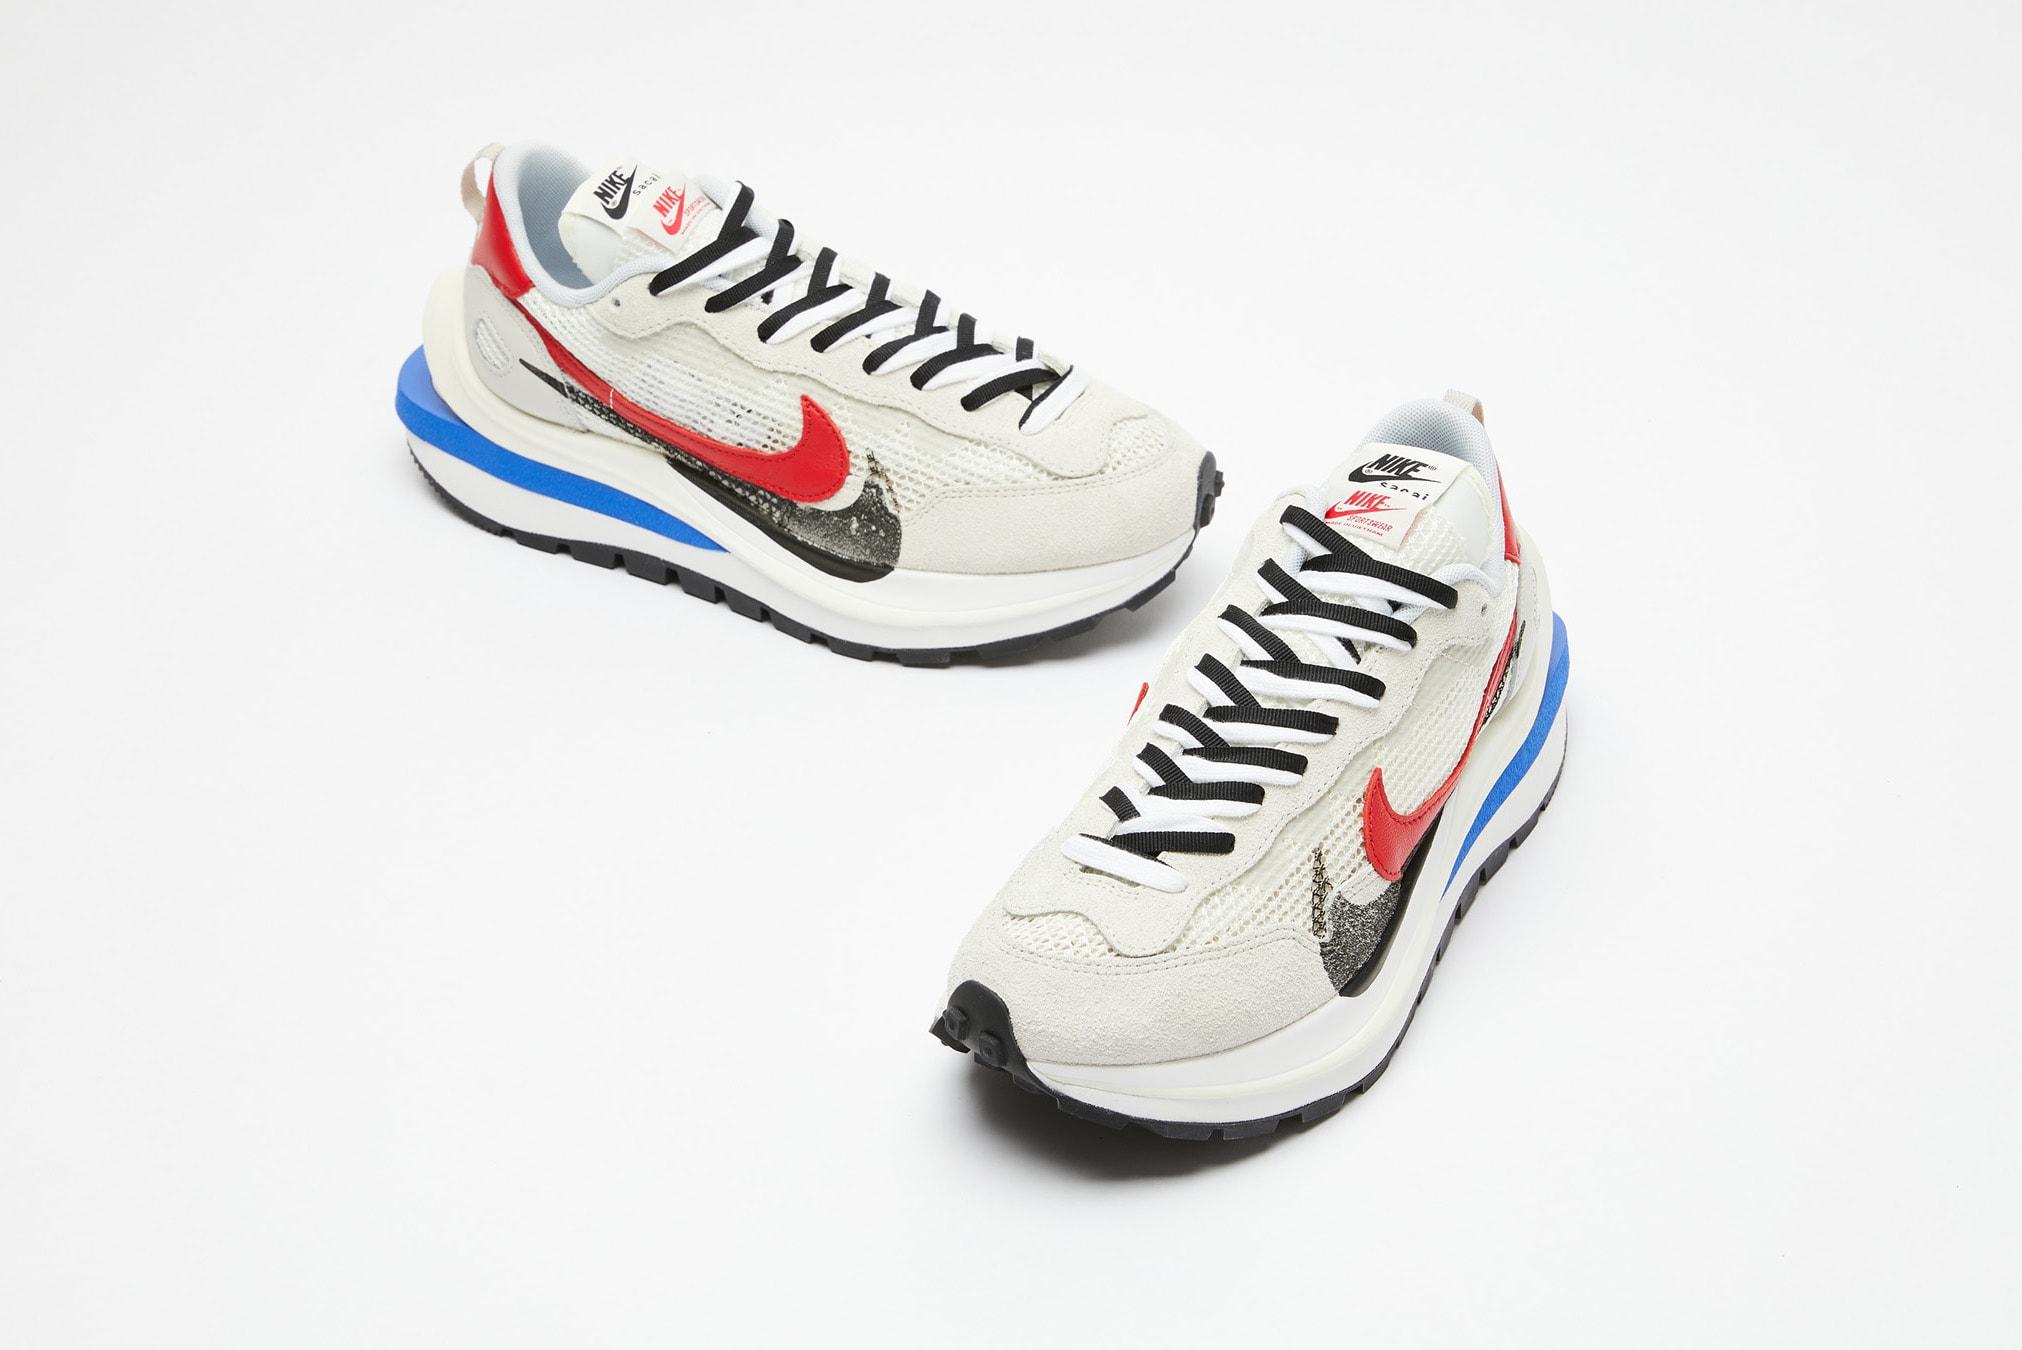 Nike x Sacai Vaporwaffle - CV1363-100